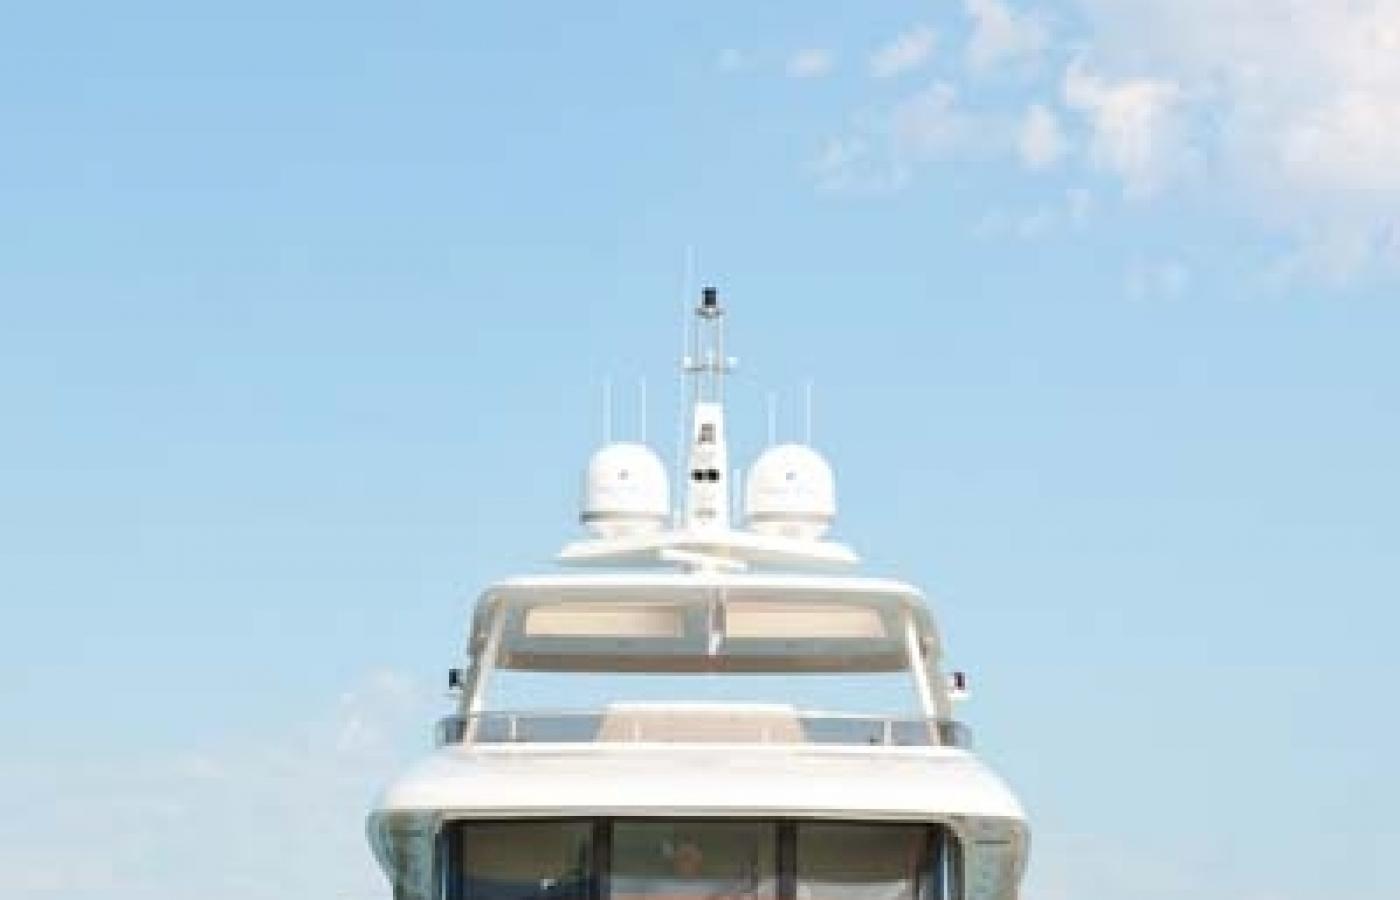 Yacht Firefly 4V7X6164